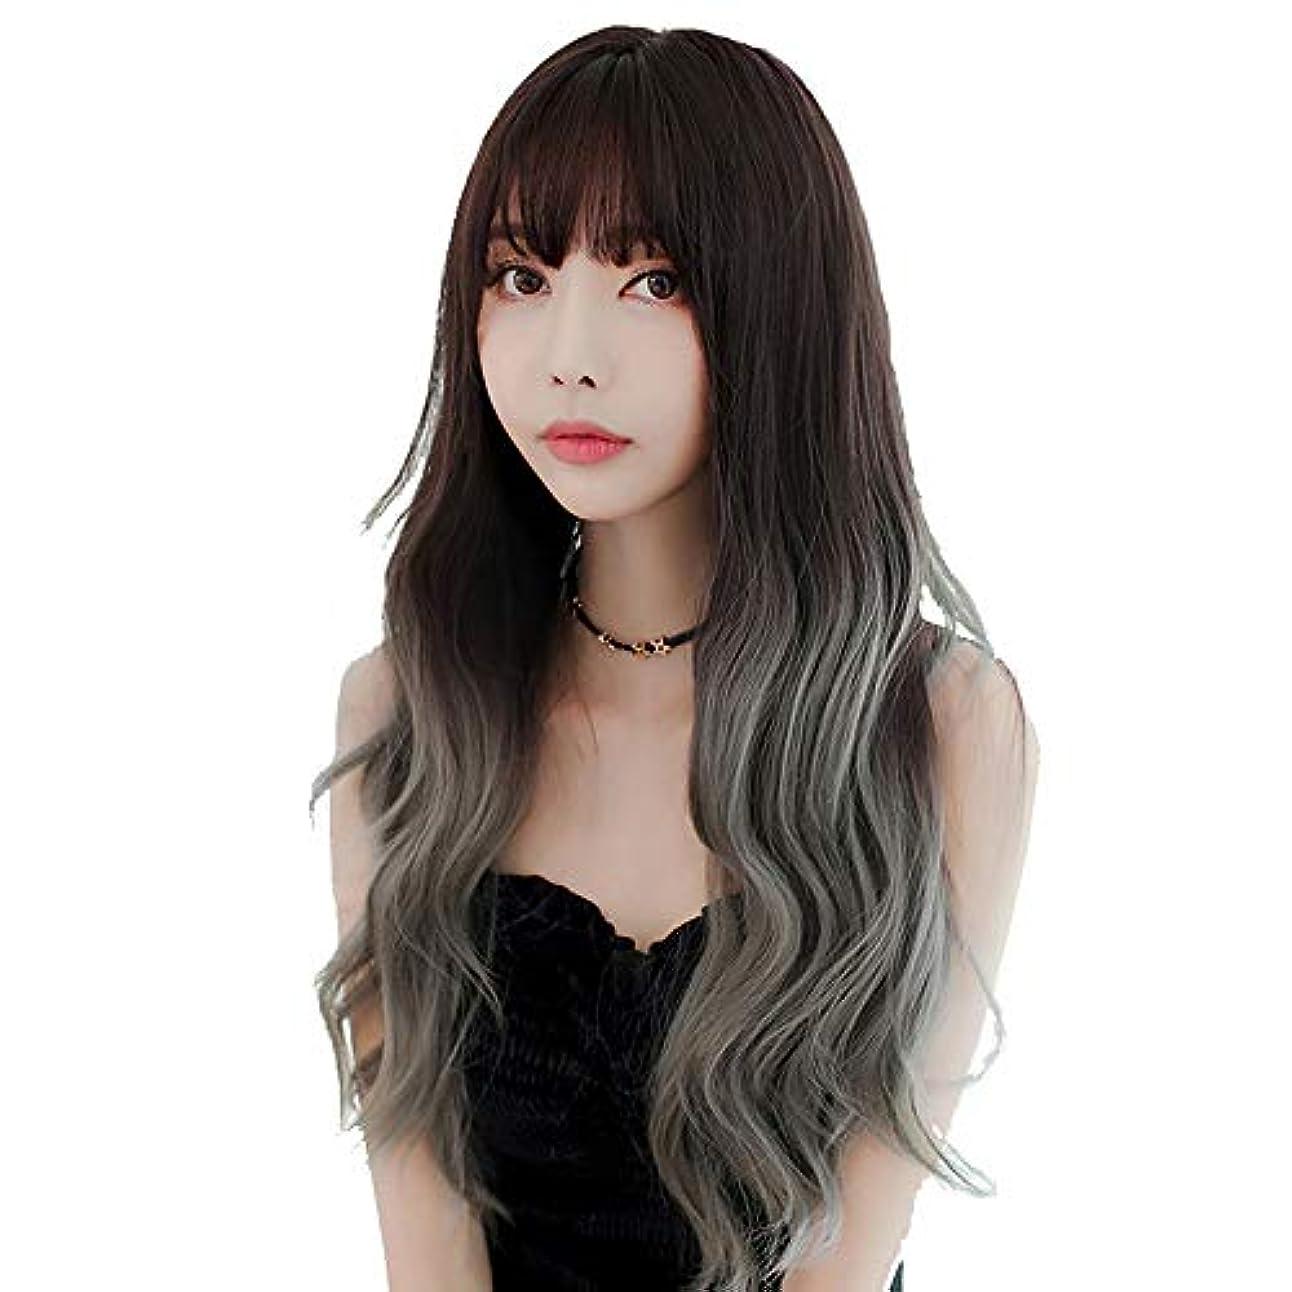 SRY-Wigファッション ヨーロッパとアメリカ26ロングミックスグレーレディースウィッグ前髪水波耐熱合成ウィッグ女性用